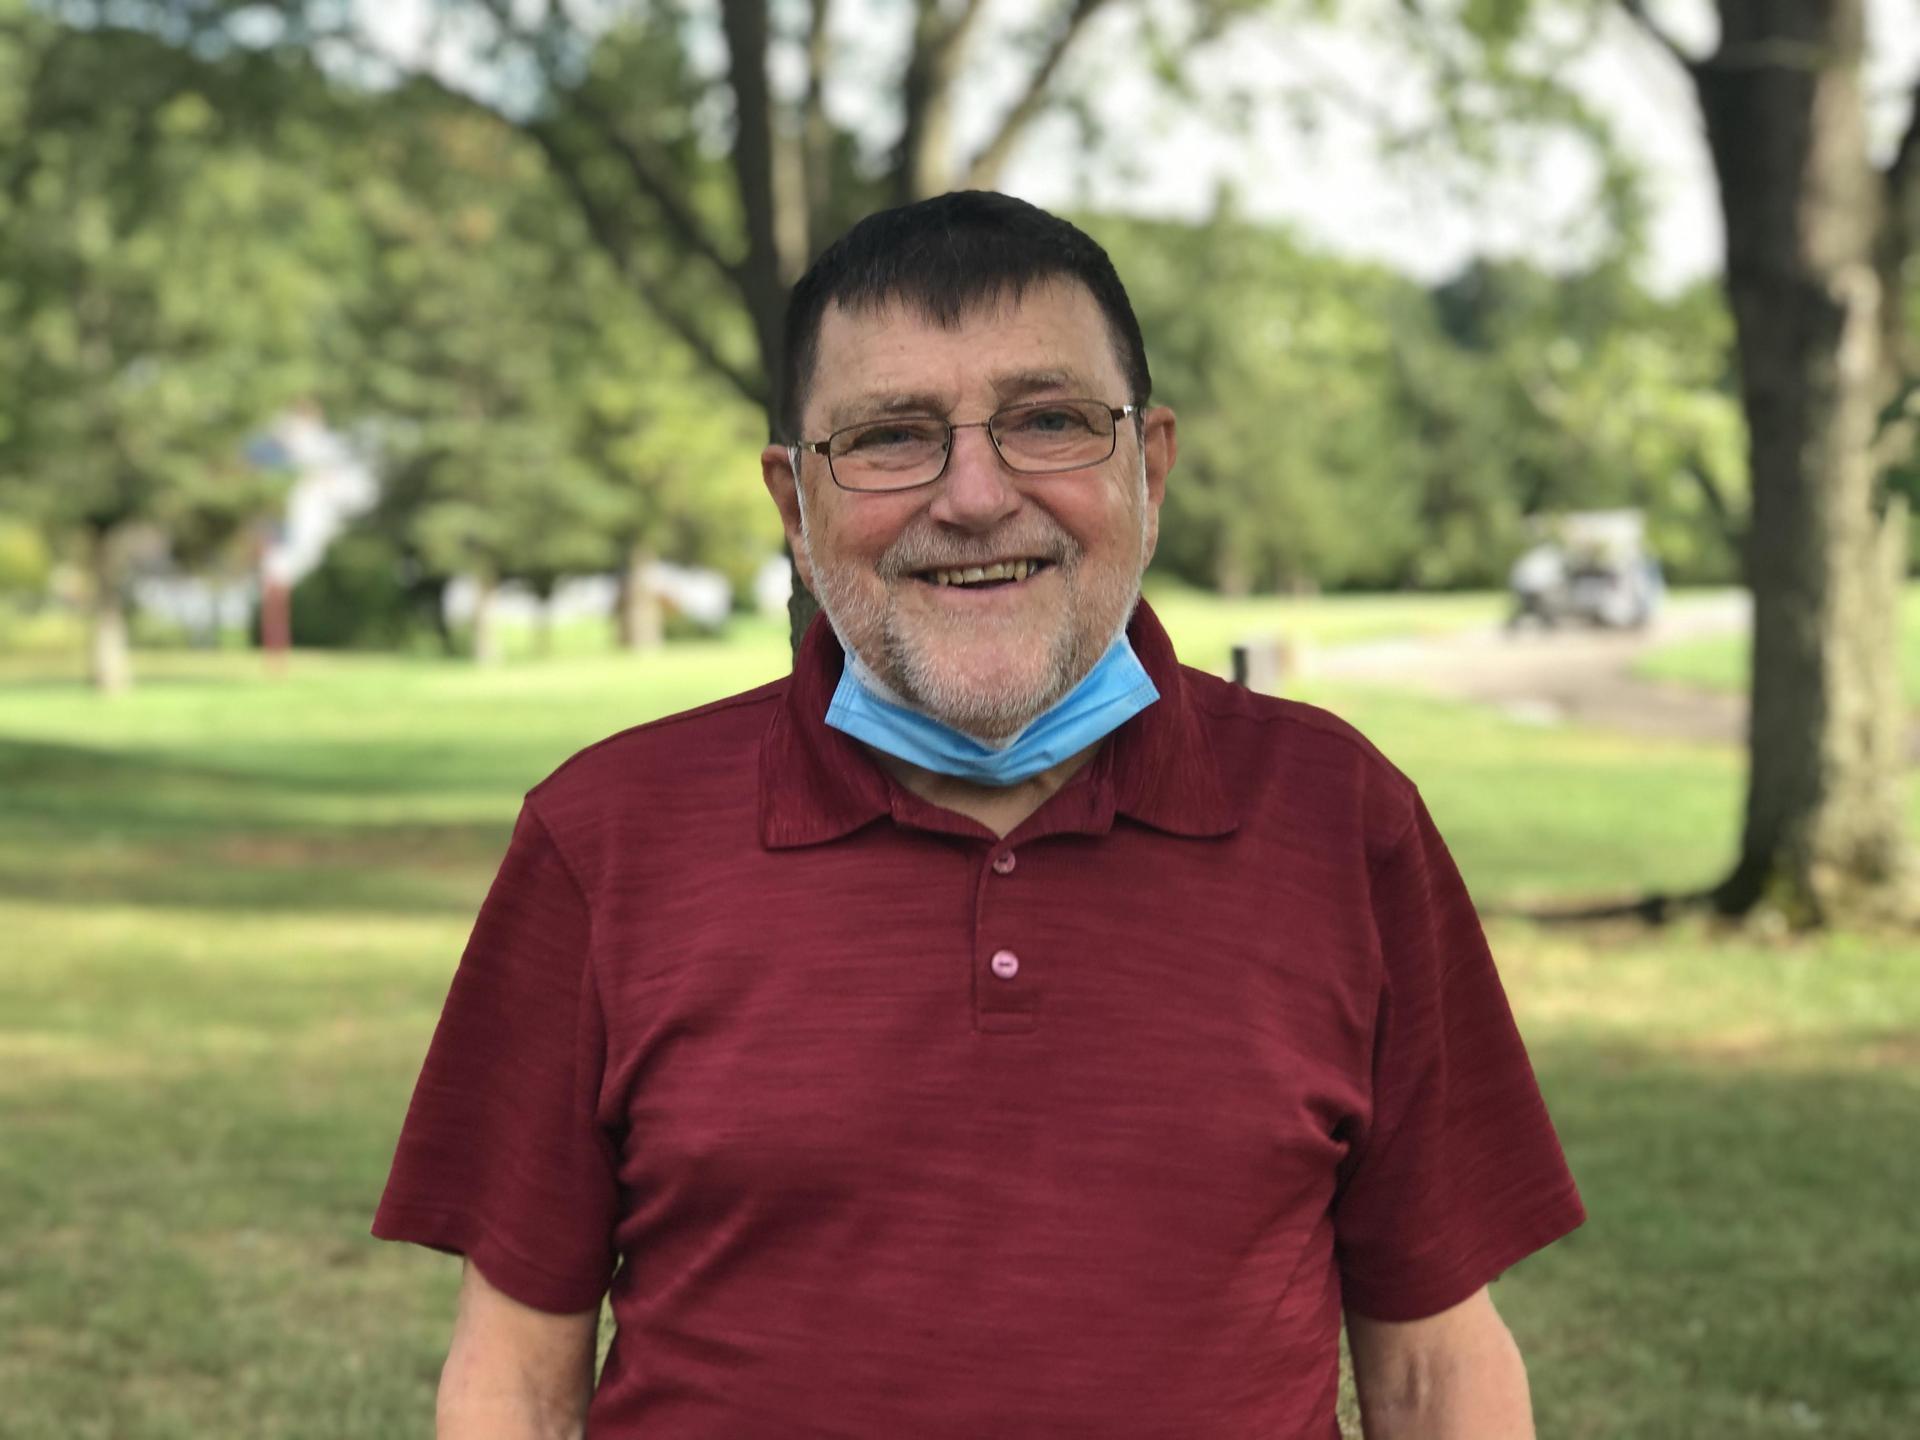 Bob Michalski at 2020 Alumni Golf